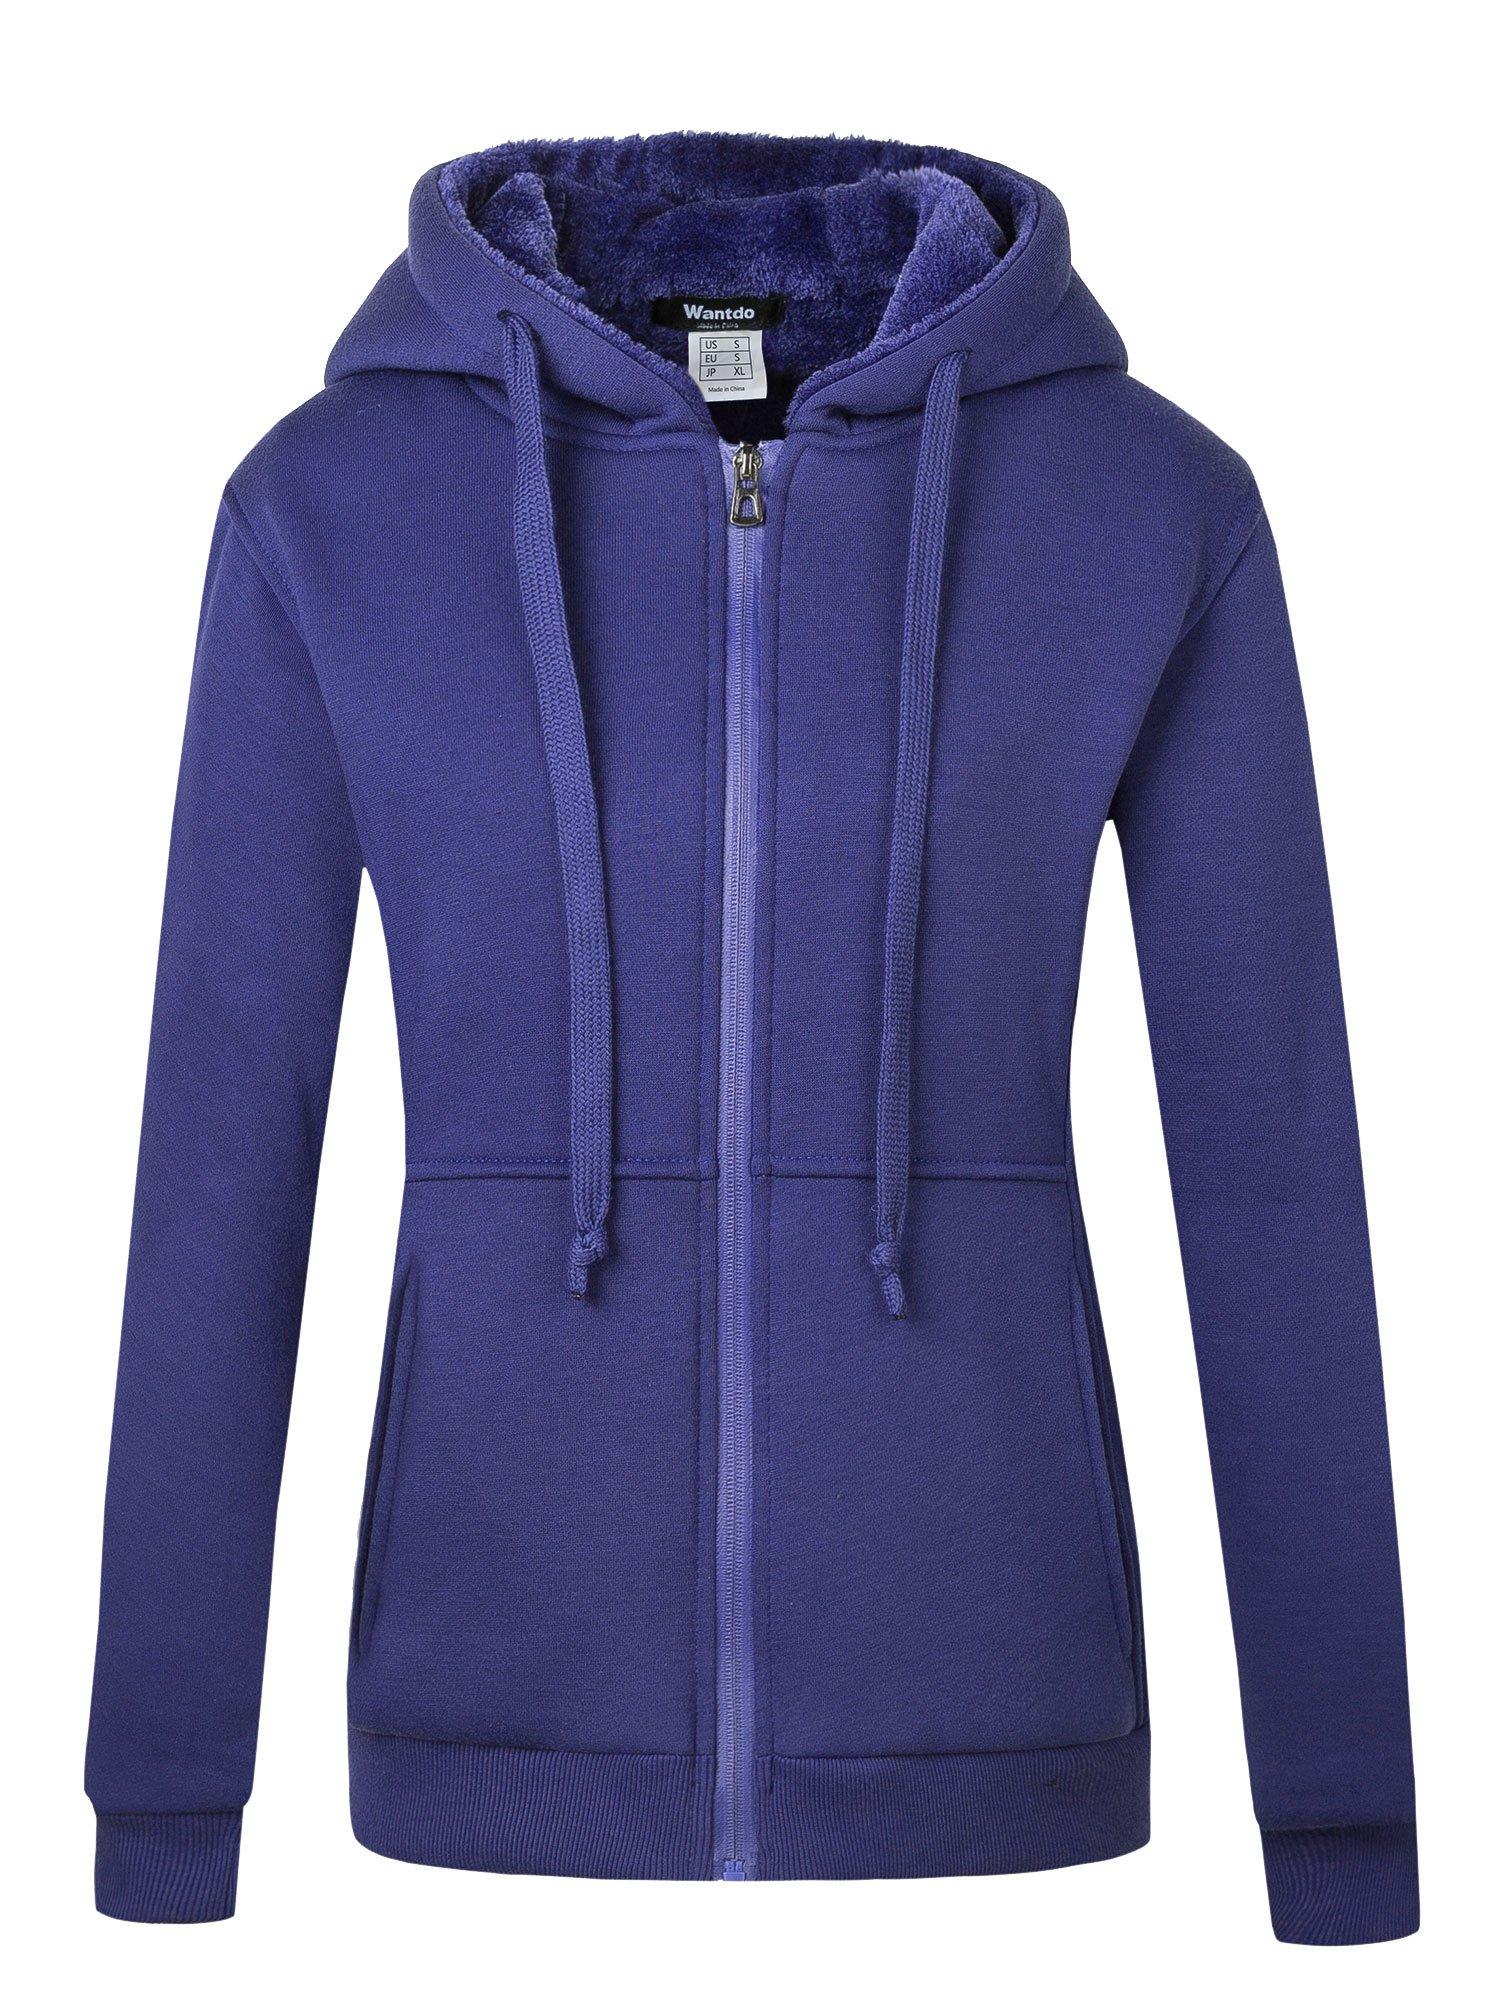 Wantdo Women's Warm Hoodie Sweatshirt Slim Fit Sherpa Lined Thick Zip Hooded Fleece Jacket Purple Large Purple Large